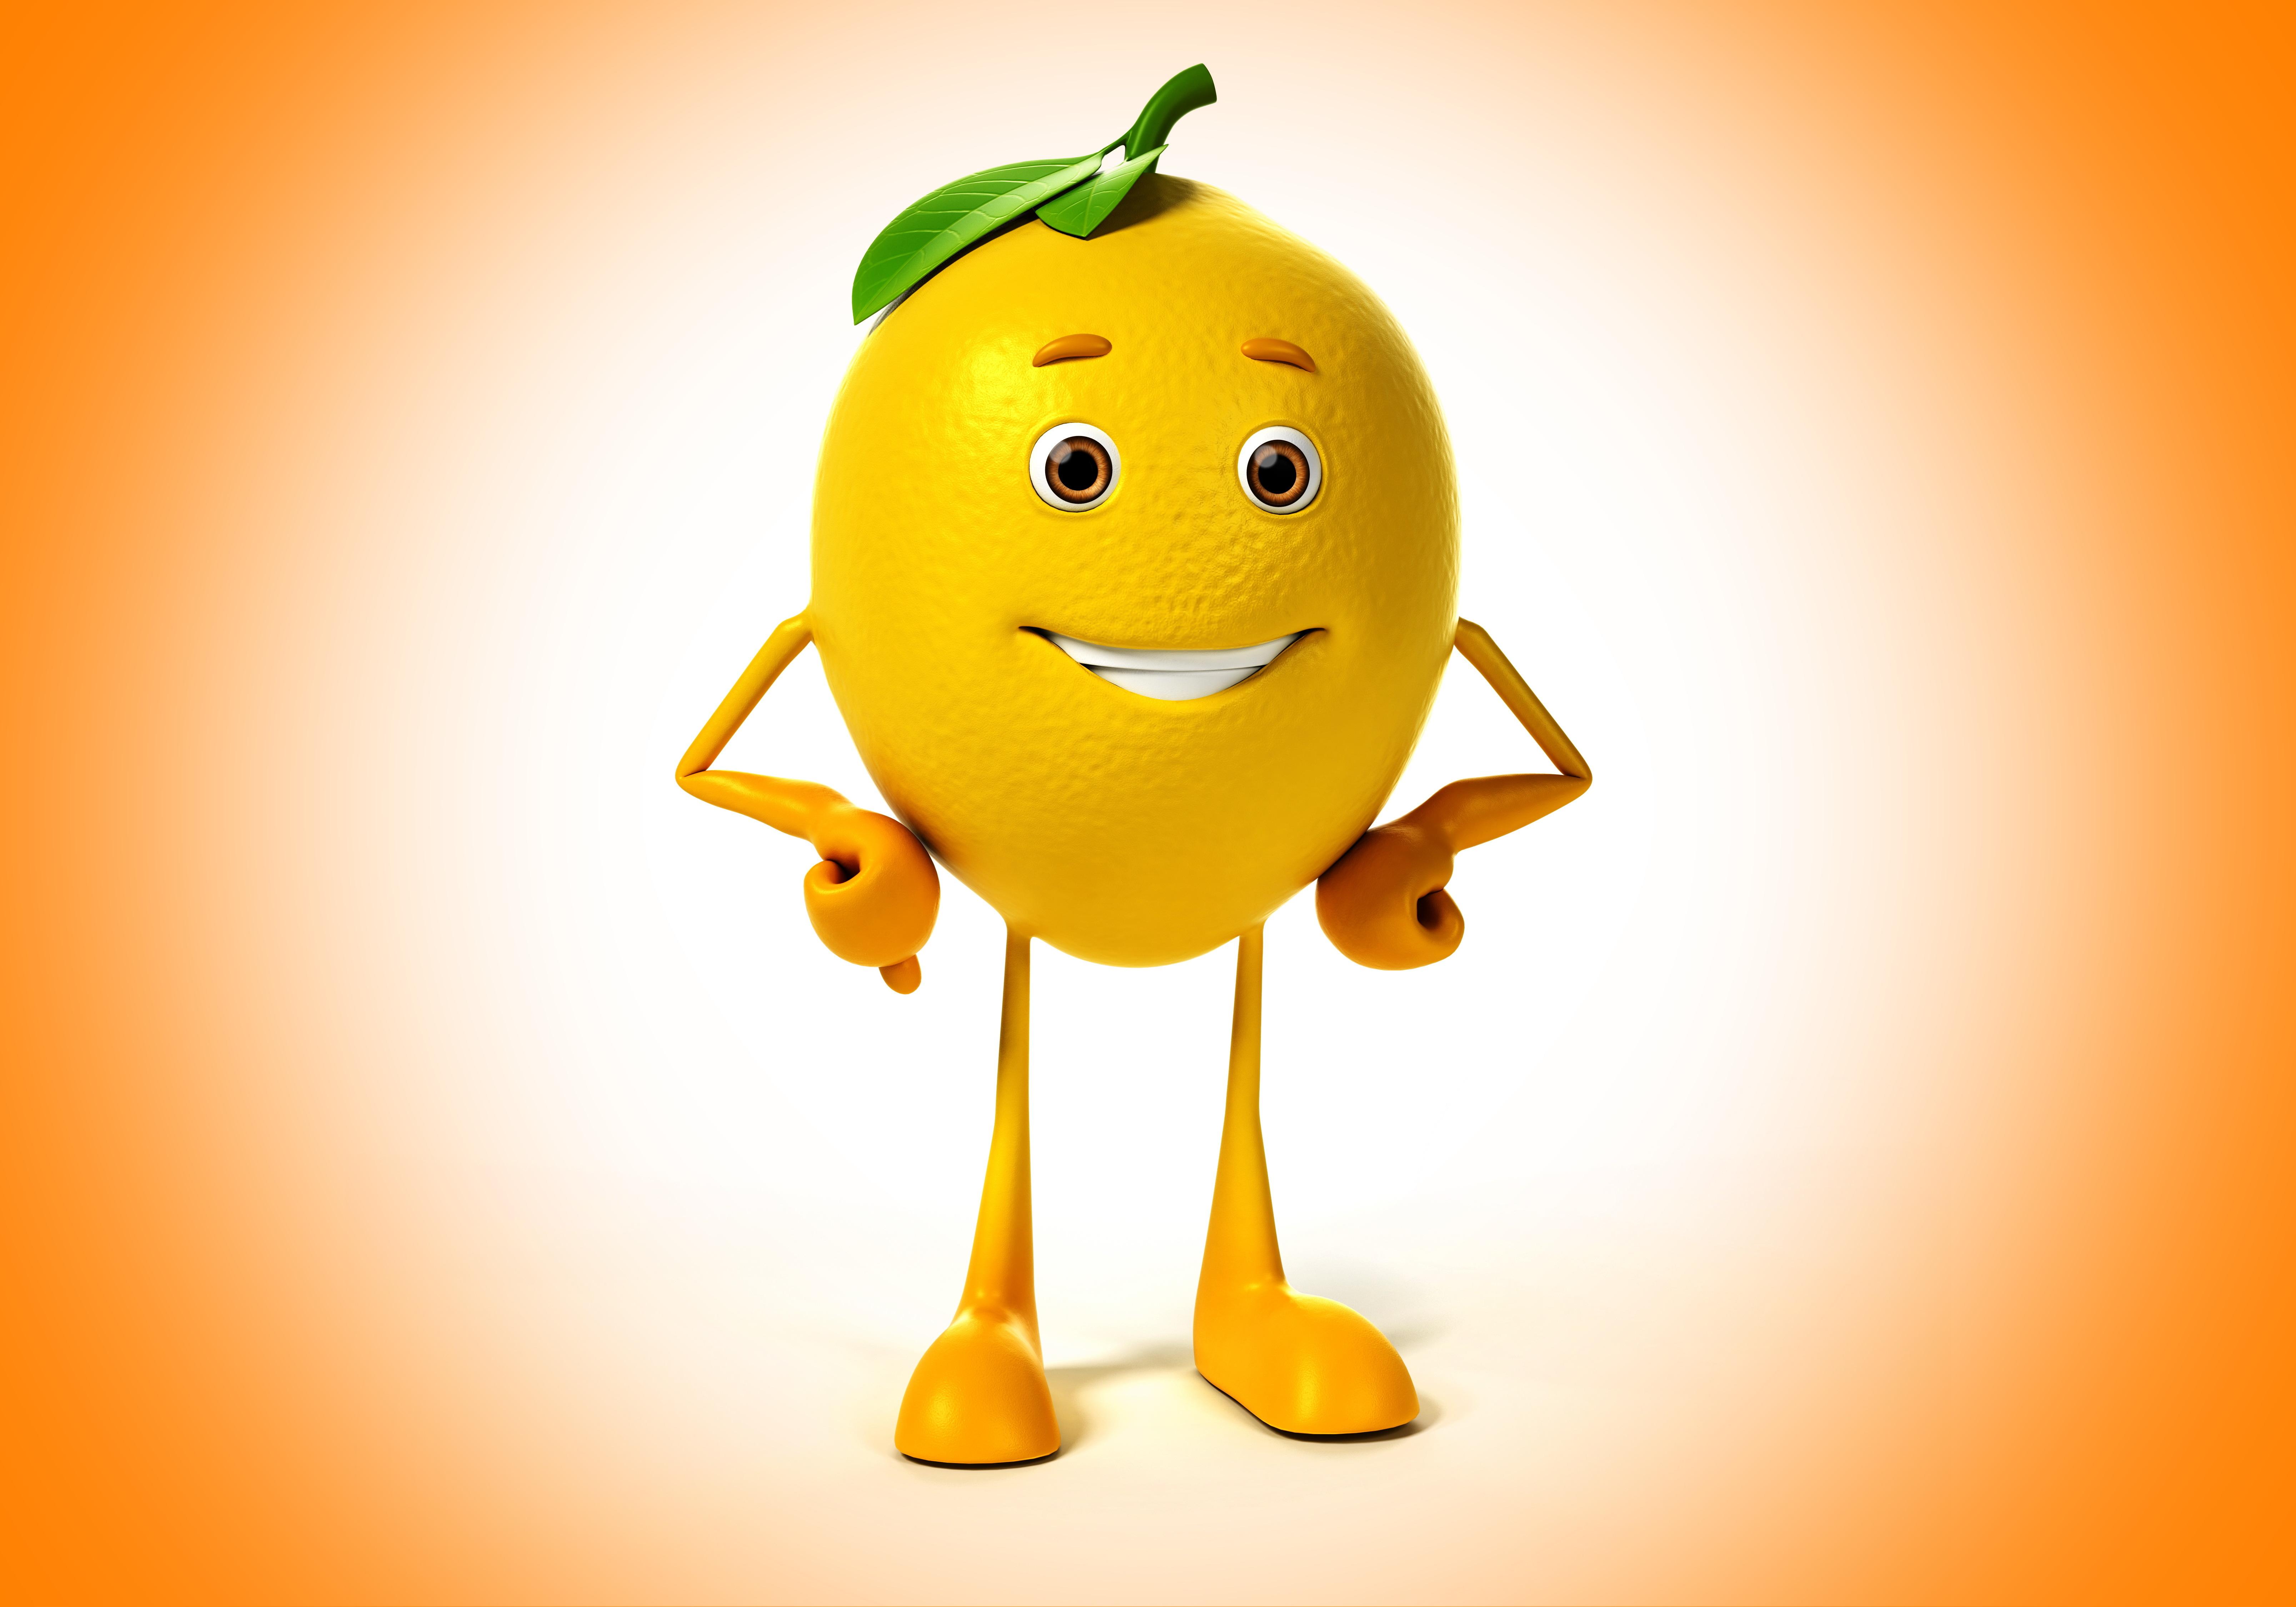 Картинках приколы, смешные картинки про лимон